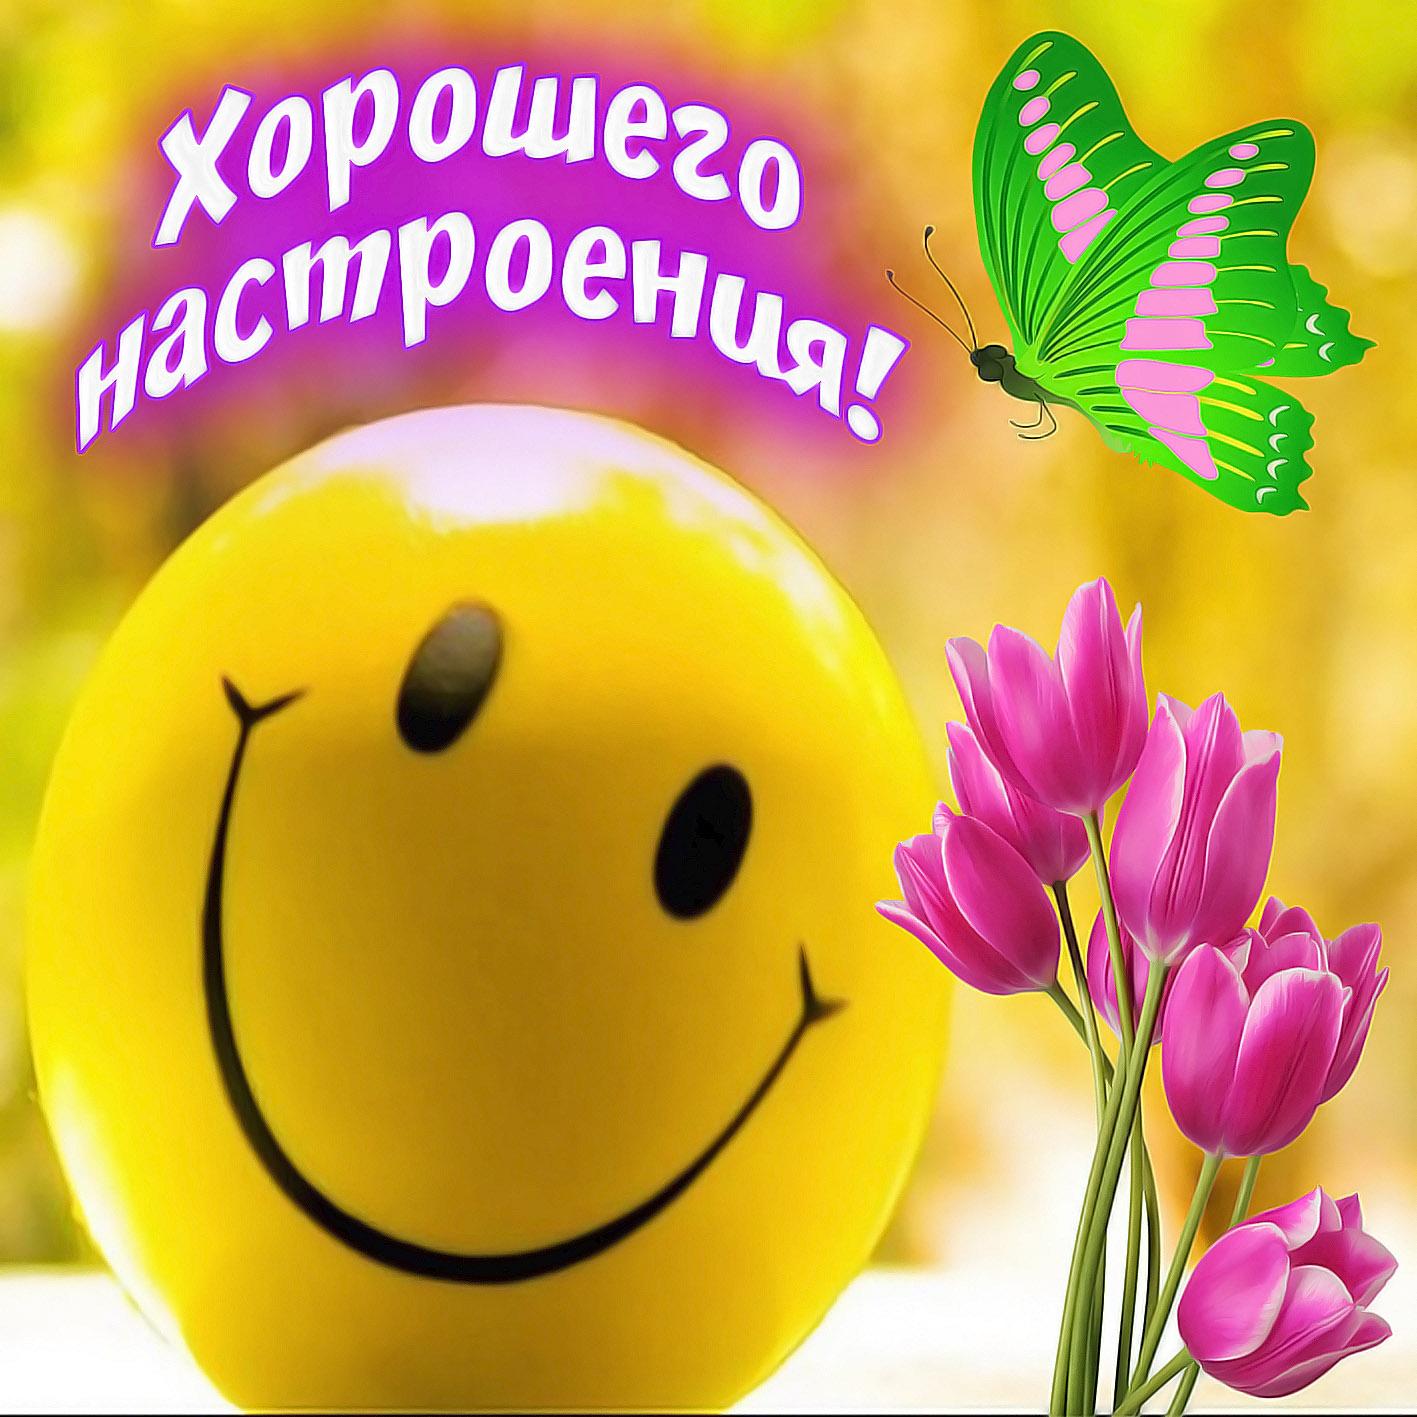 Пожелания хорошего настроения в открытках, надписью